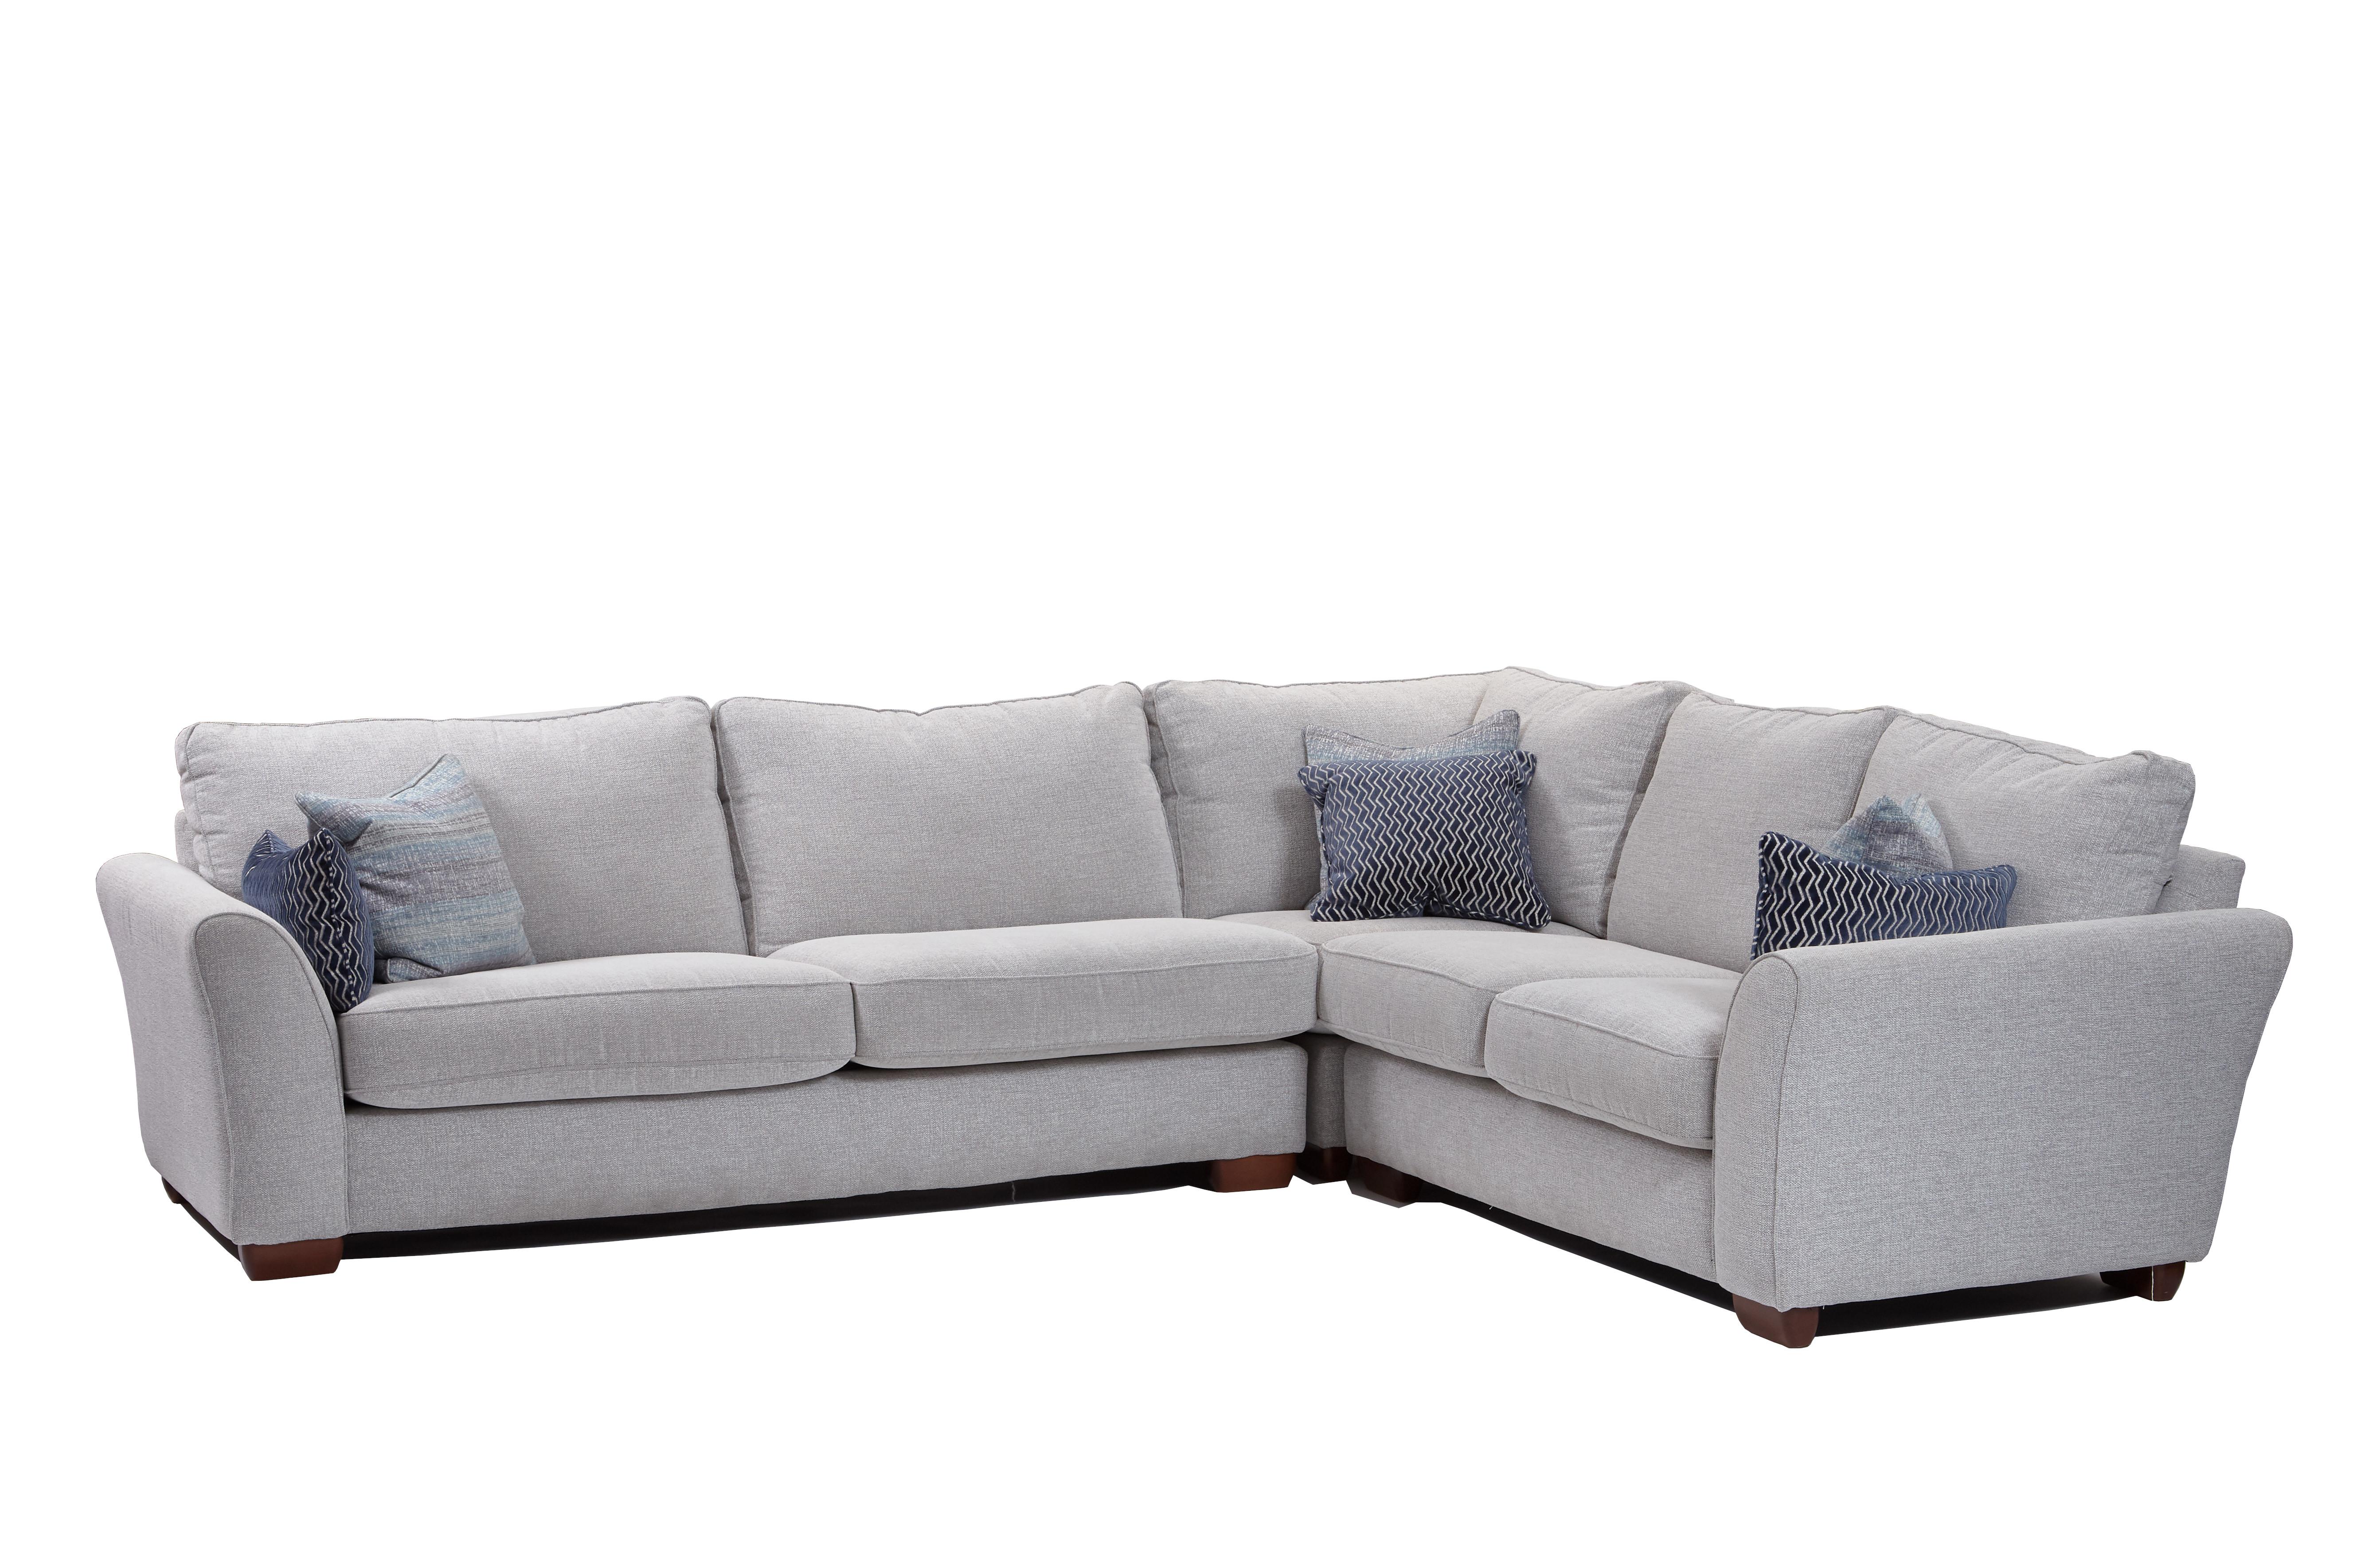 Jansson RHF Corner Sofa